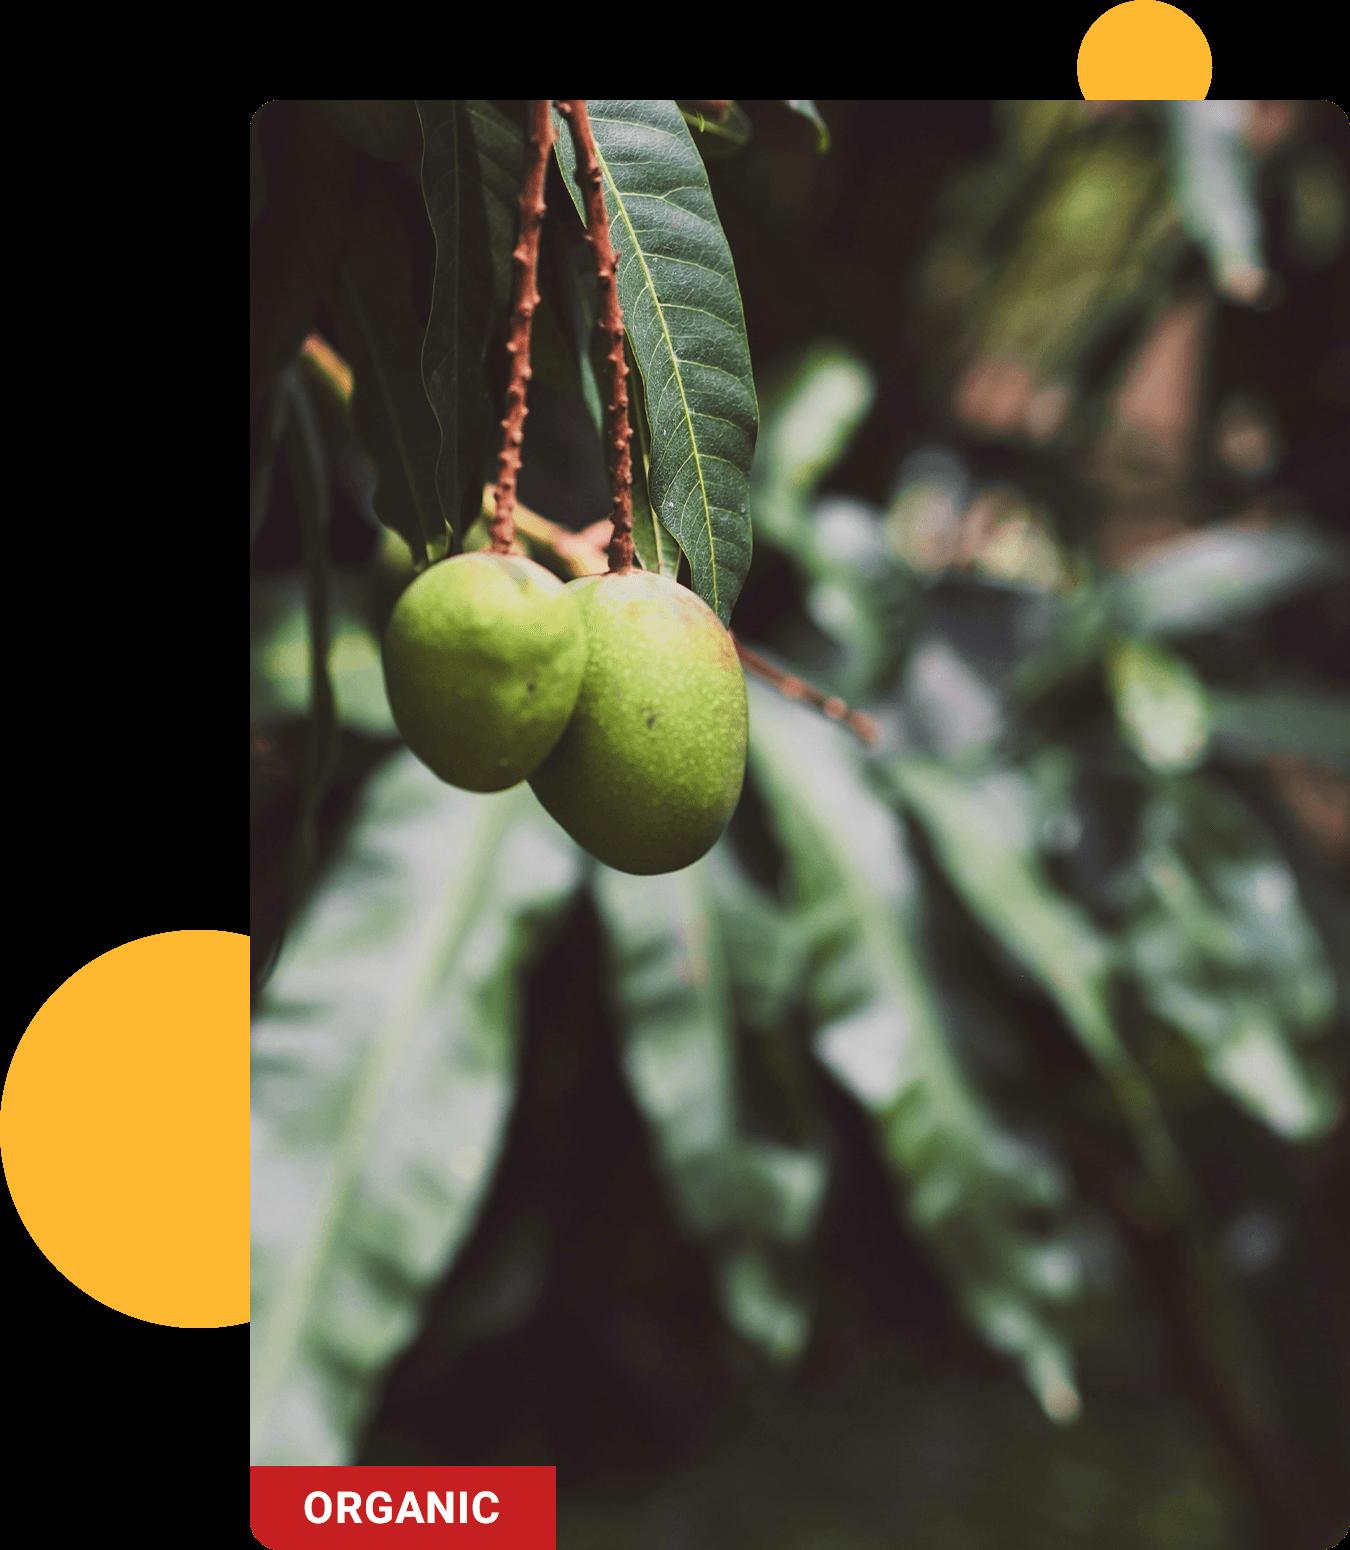 Friske økologiske mangofrugter